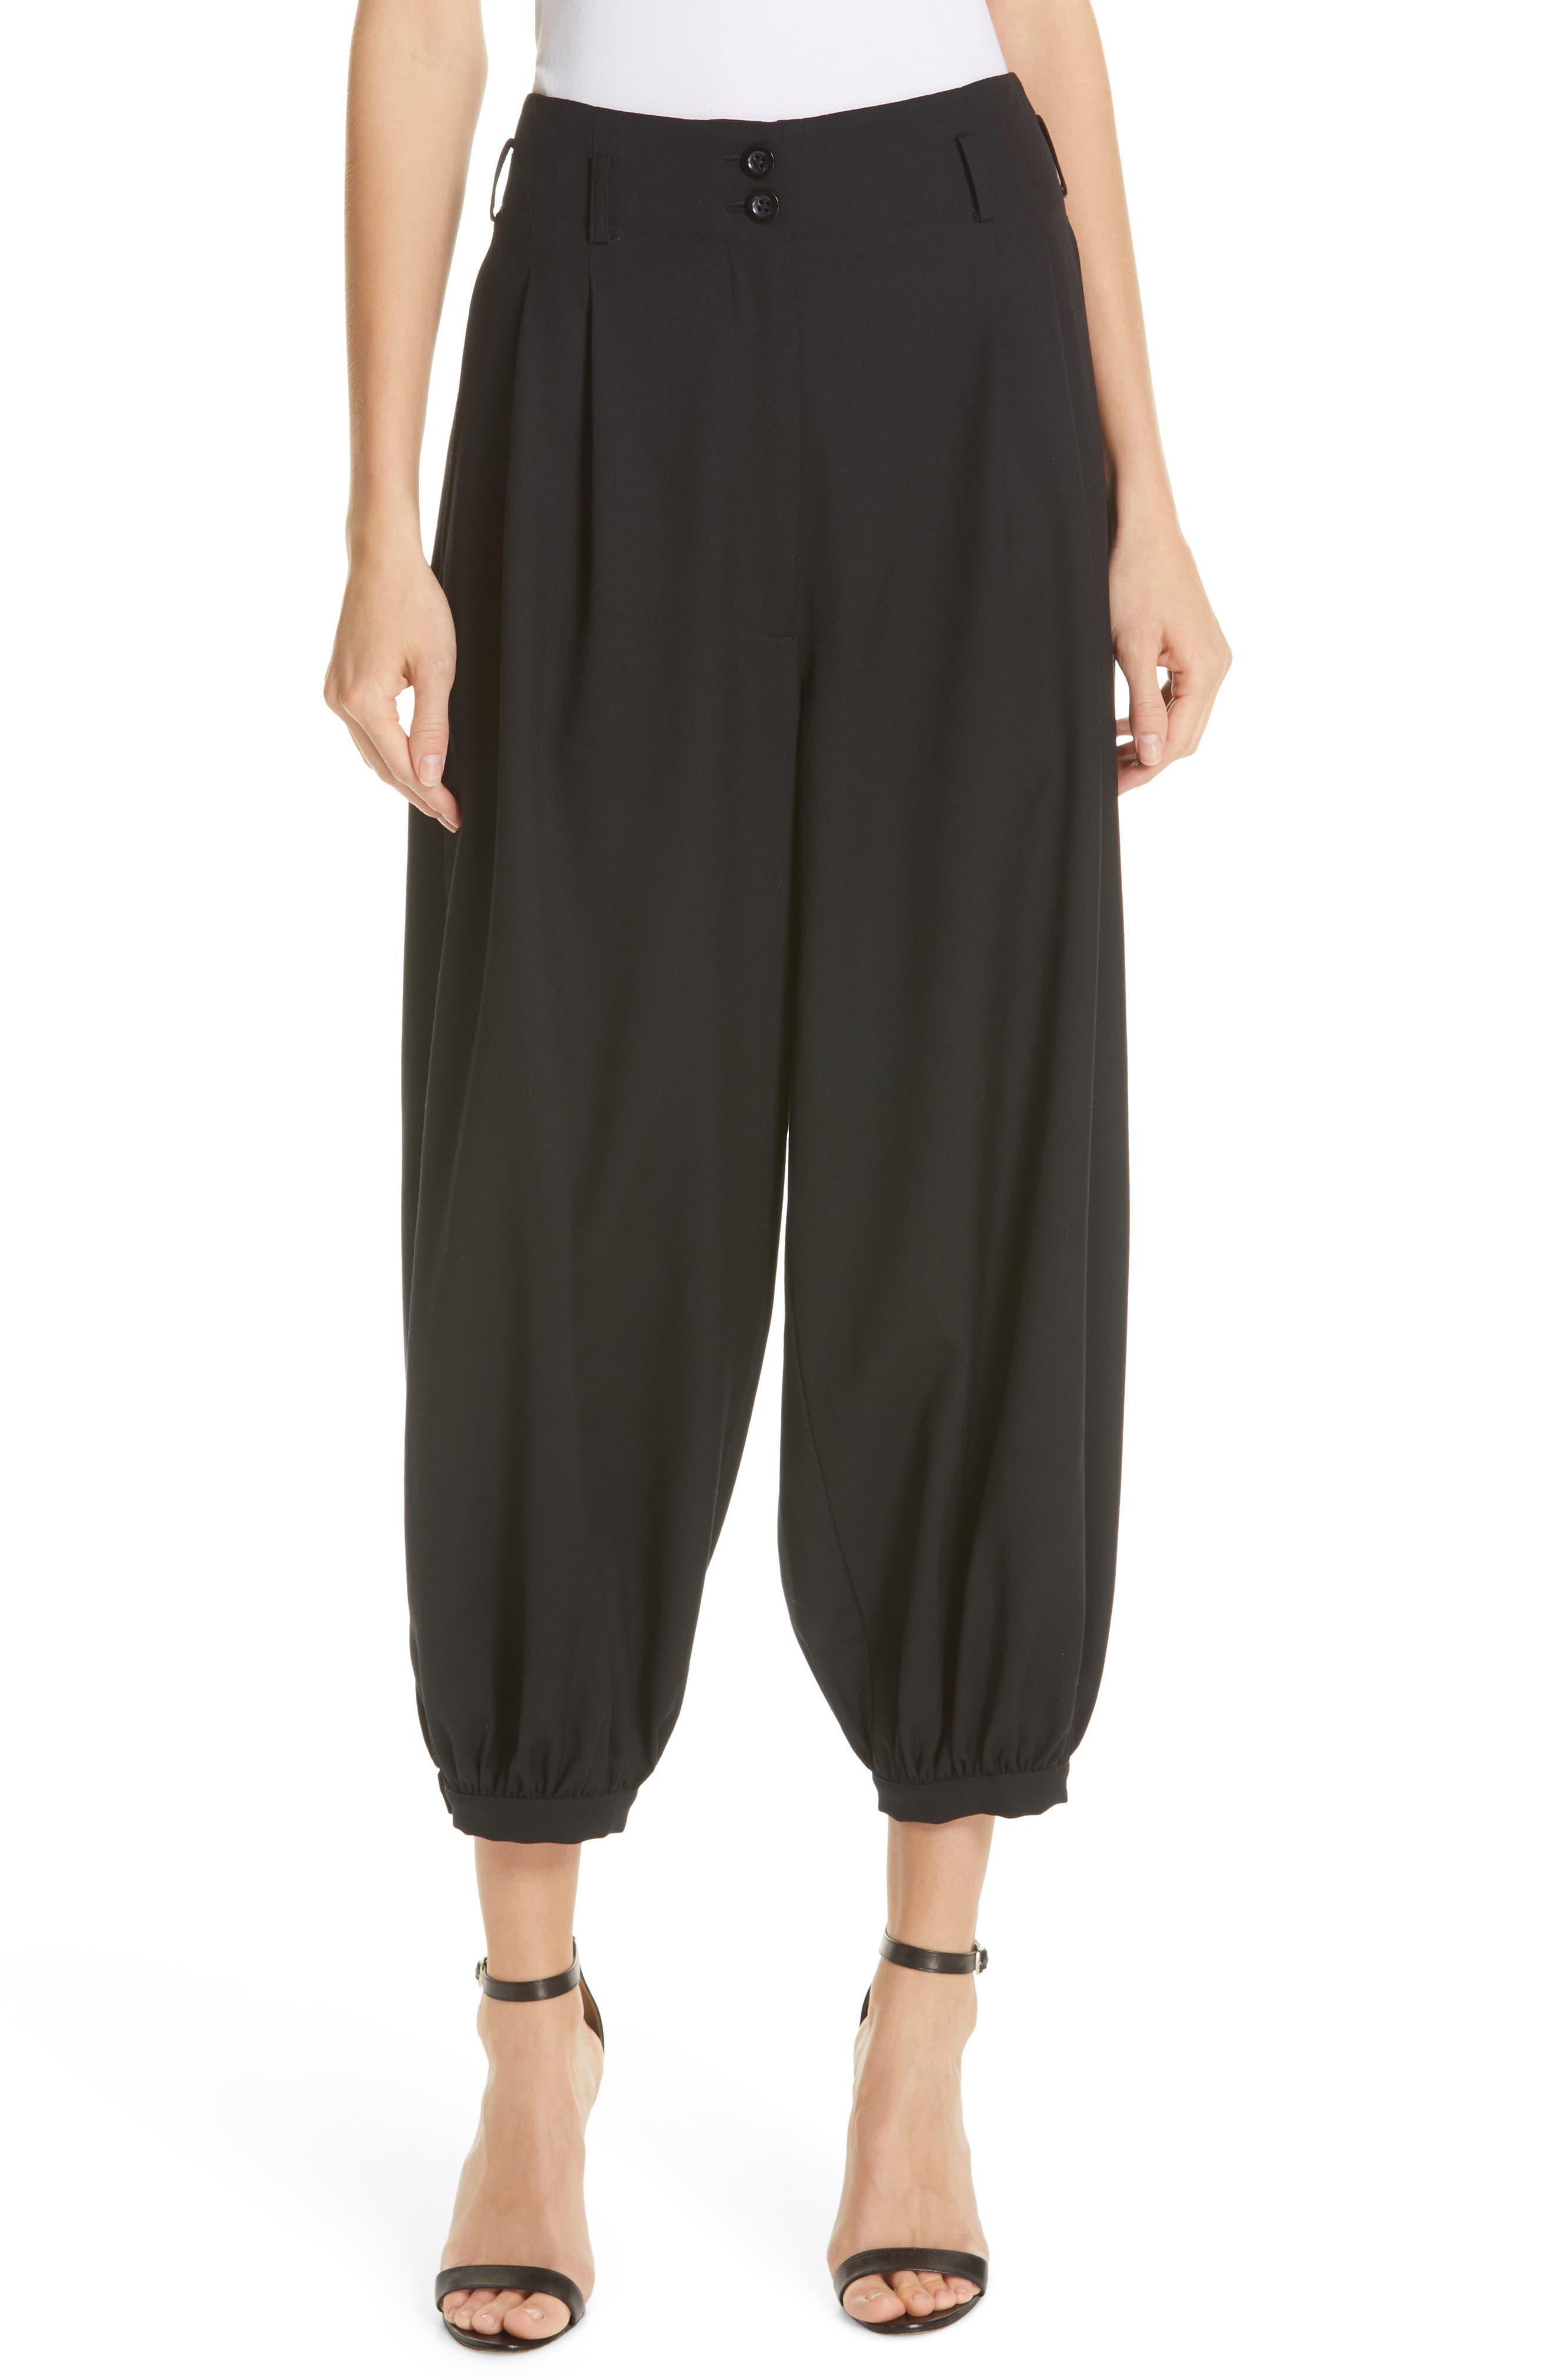 NILI LOTAN Wynona Harem Pants, Main, color, BLACK